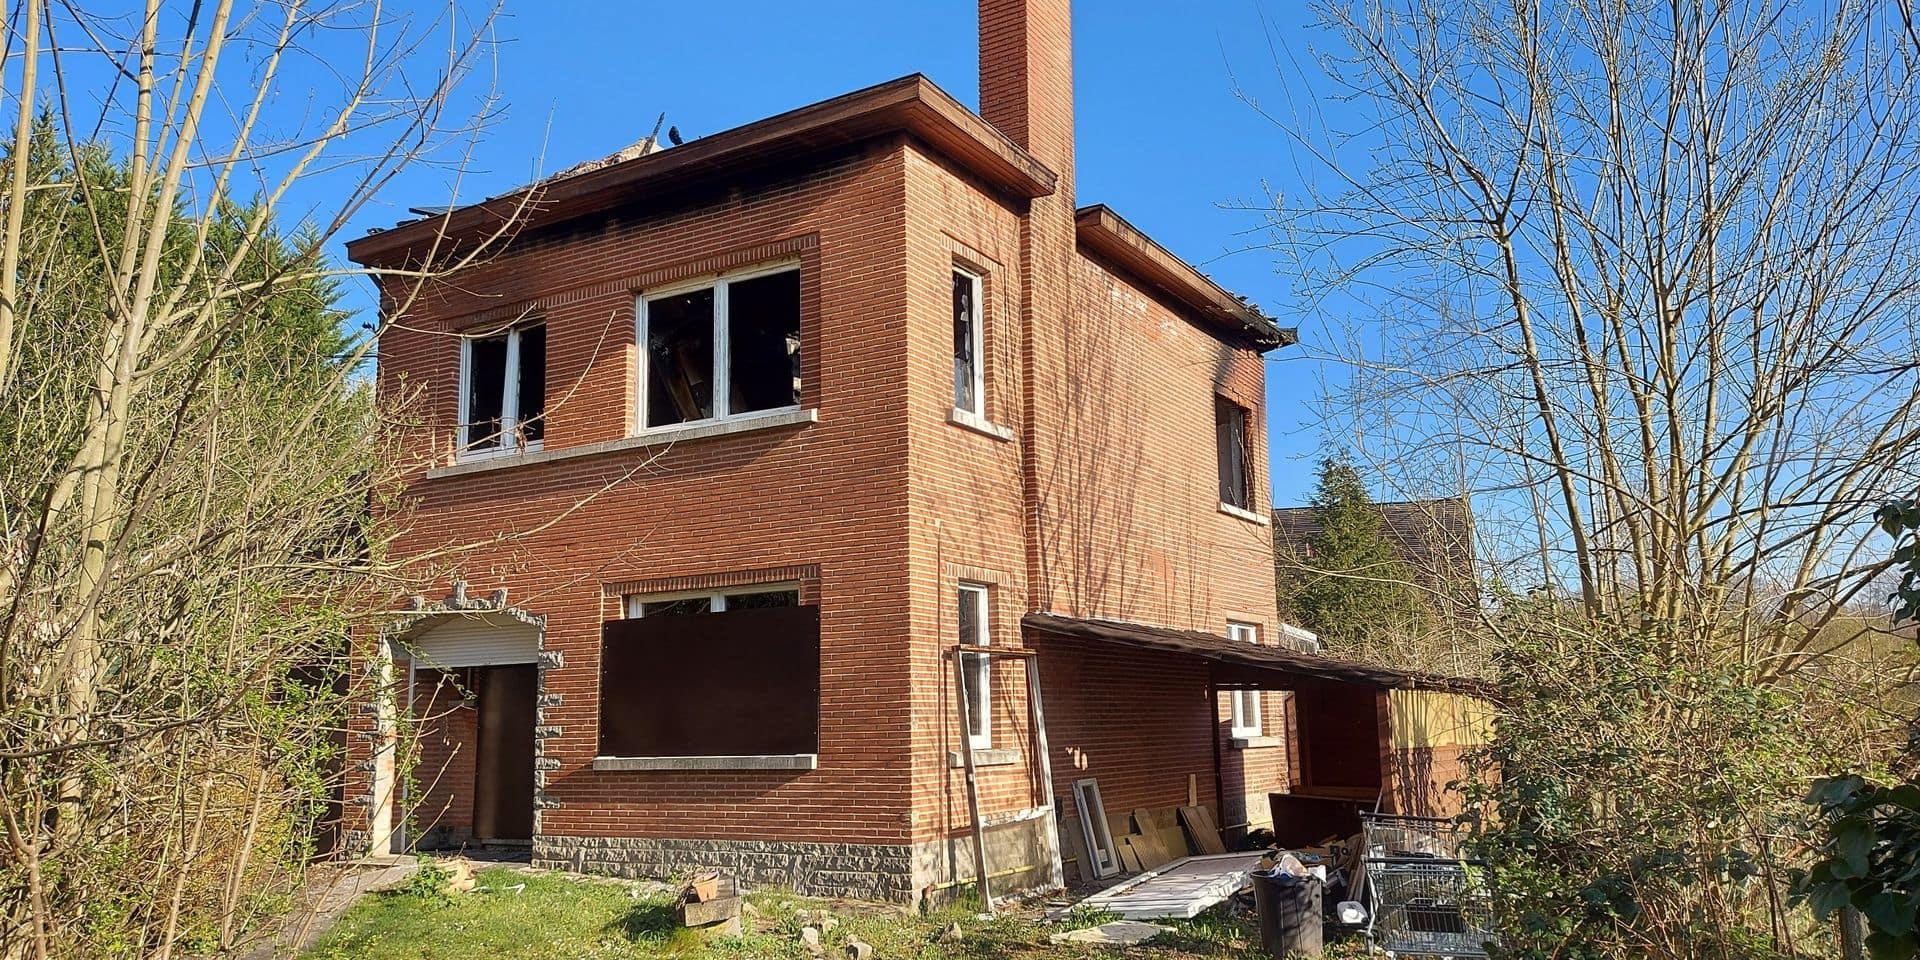 Incendie mortel à Ghlin : Mandat d'arrêt confirmé pour Alexandre, l'ex-compagnon de la victime